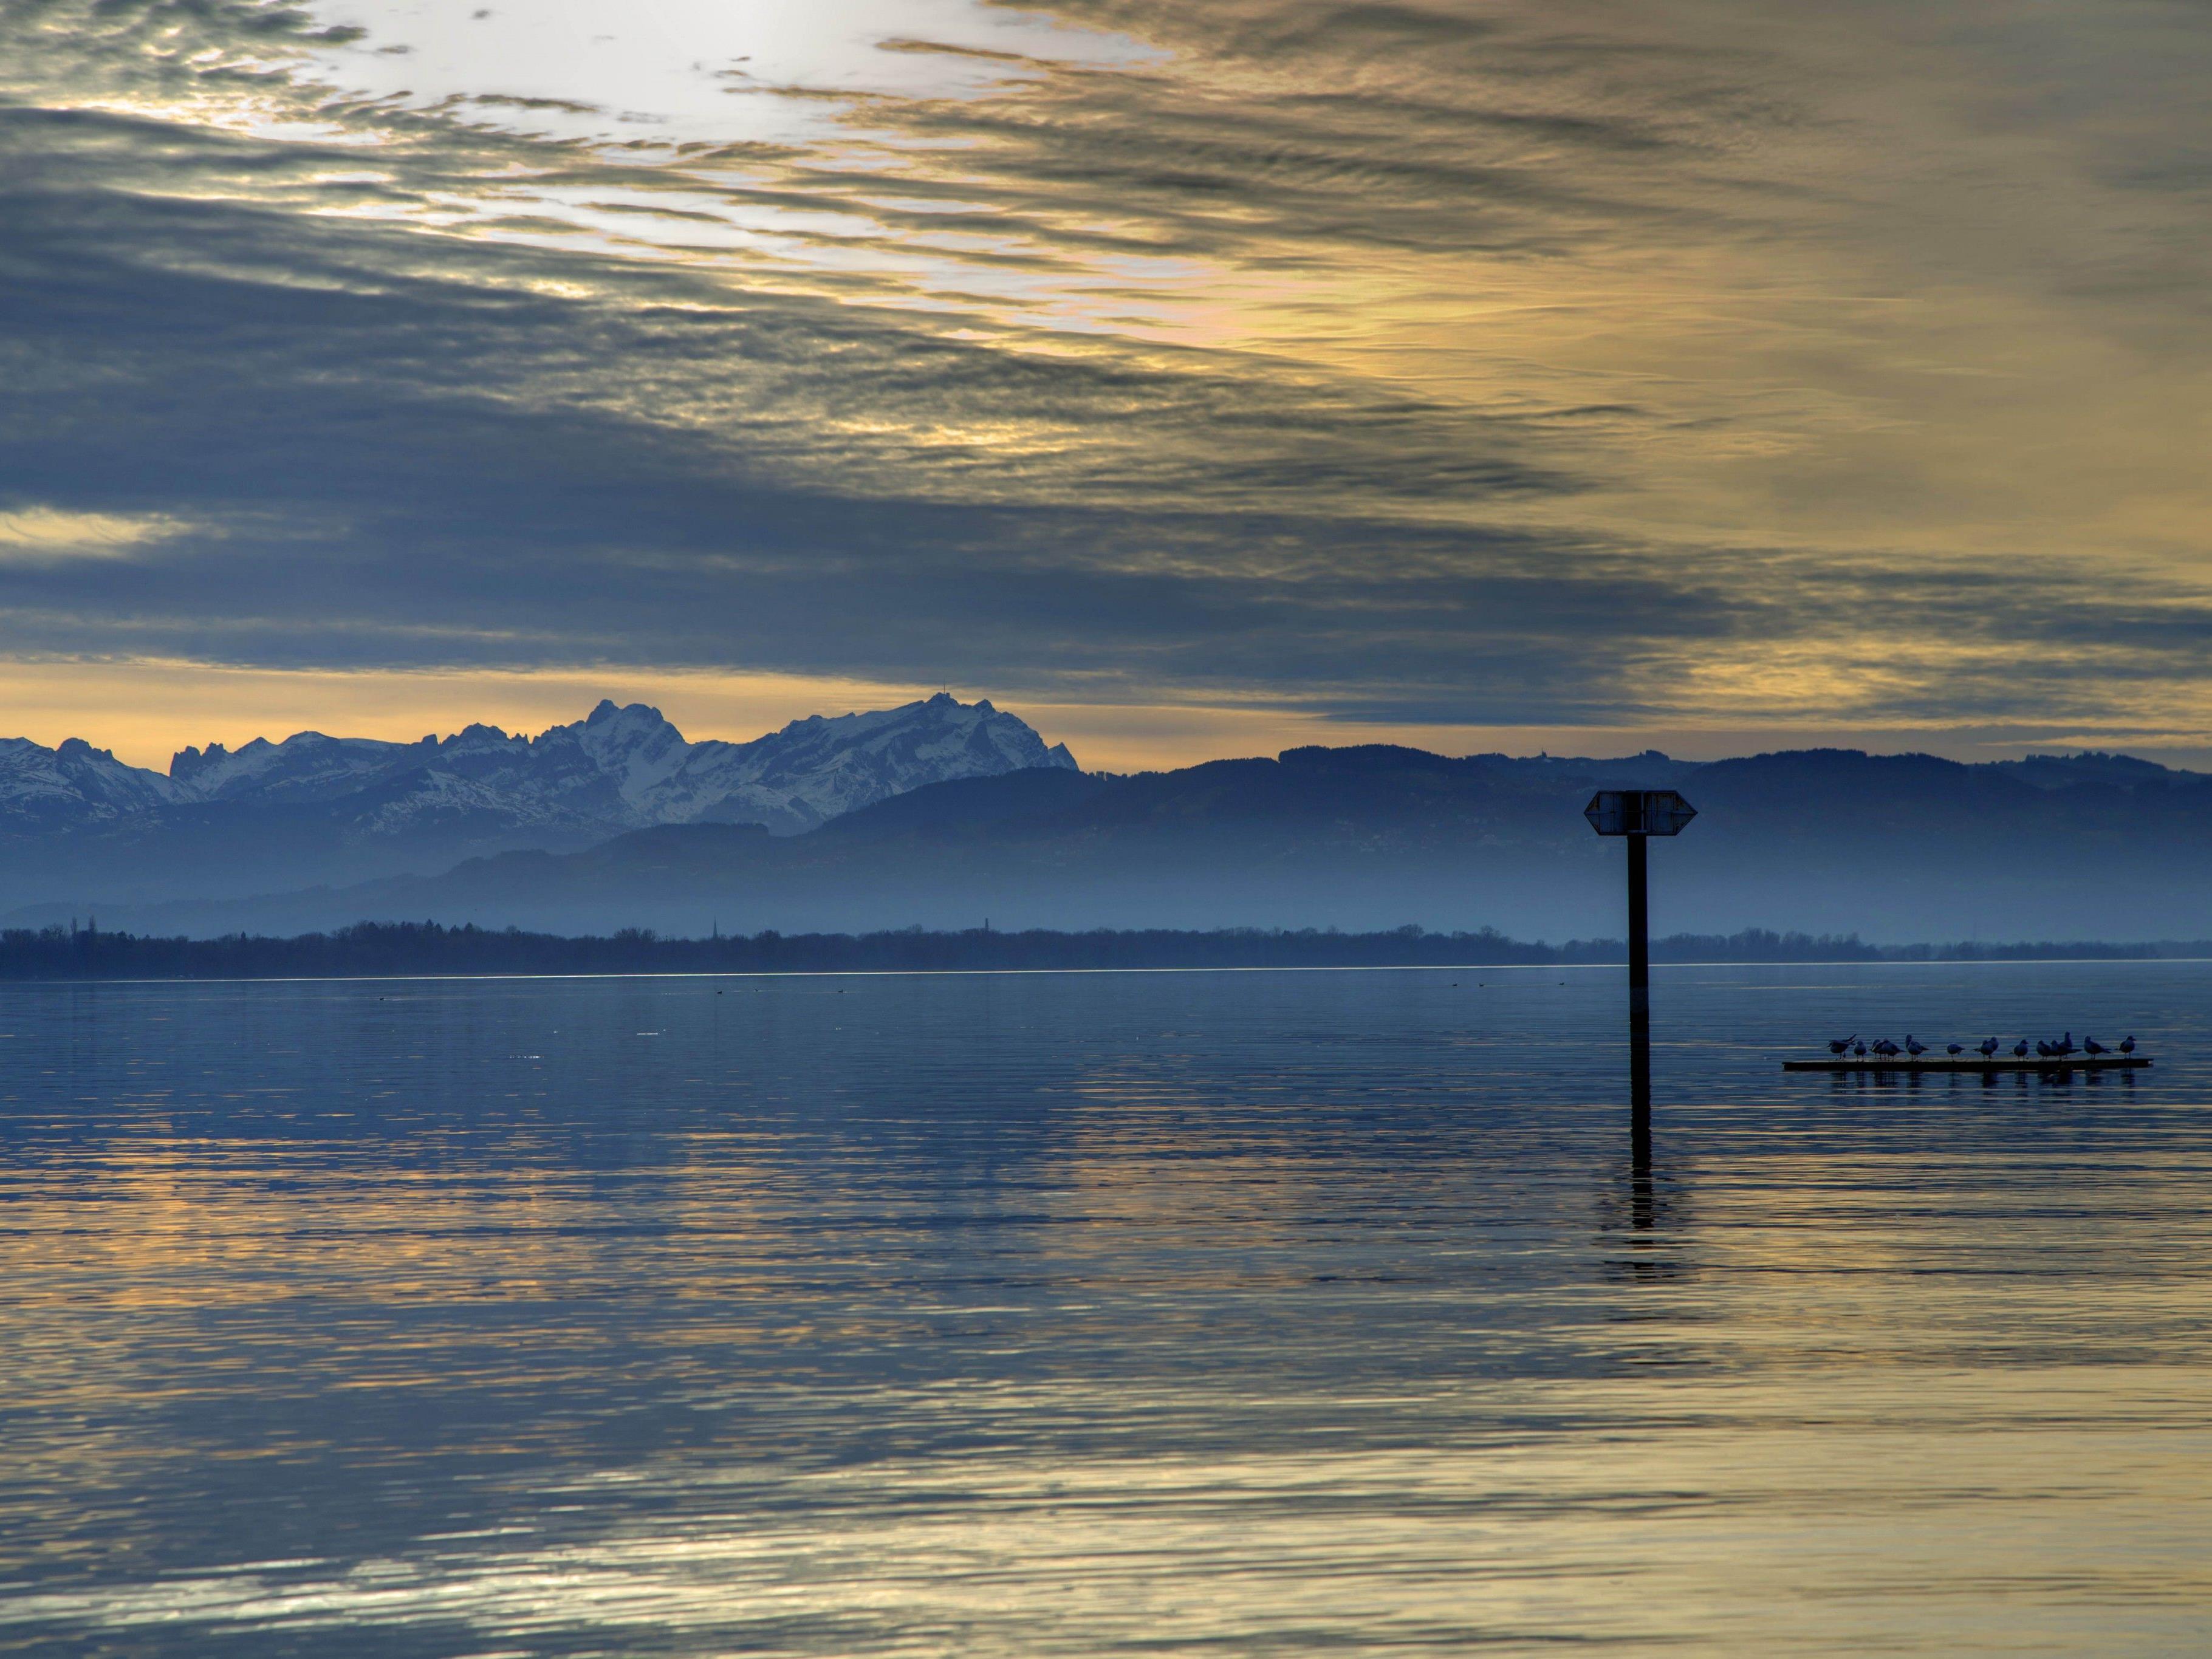 Der Bodensee ist offenbar weniger tief als bislang angenommen.